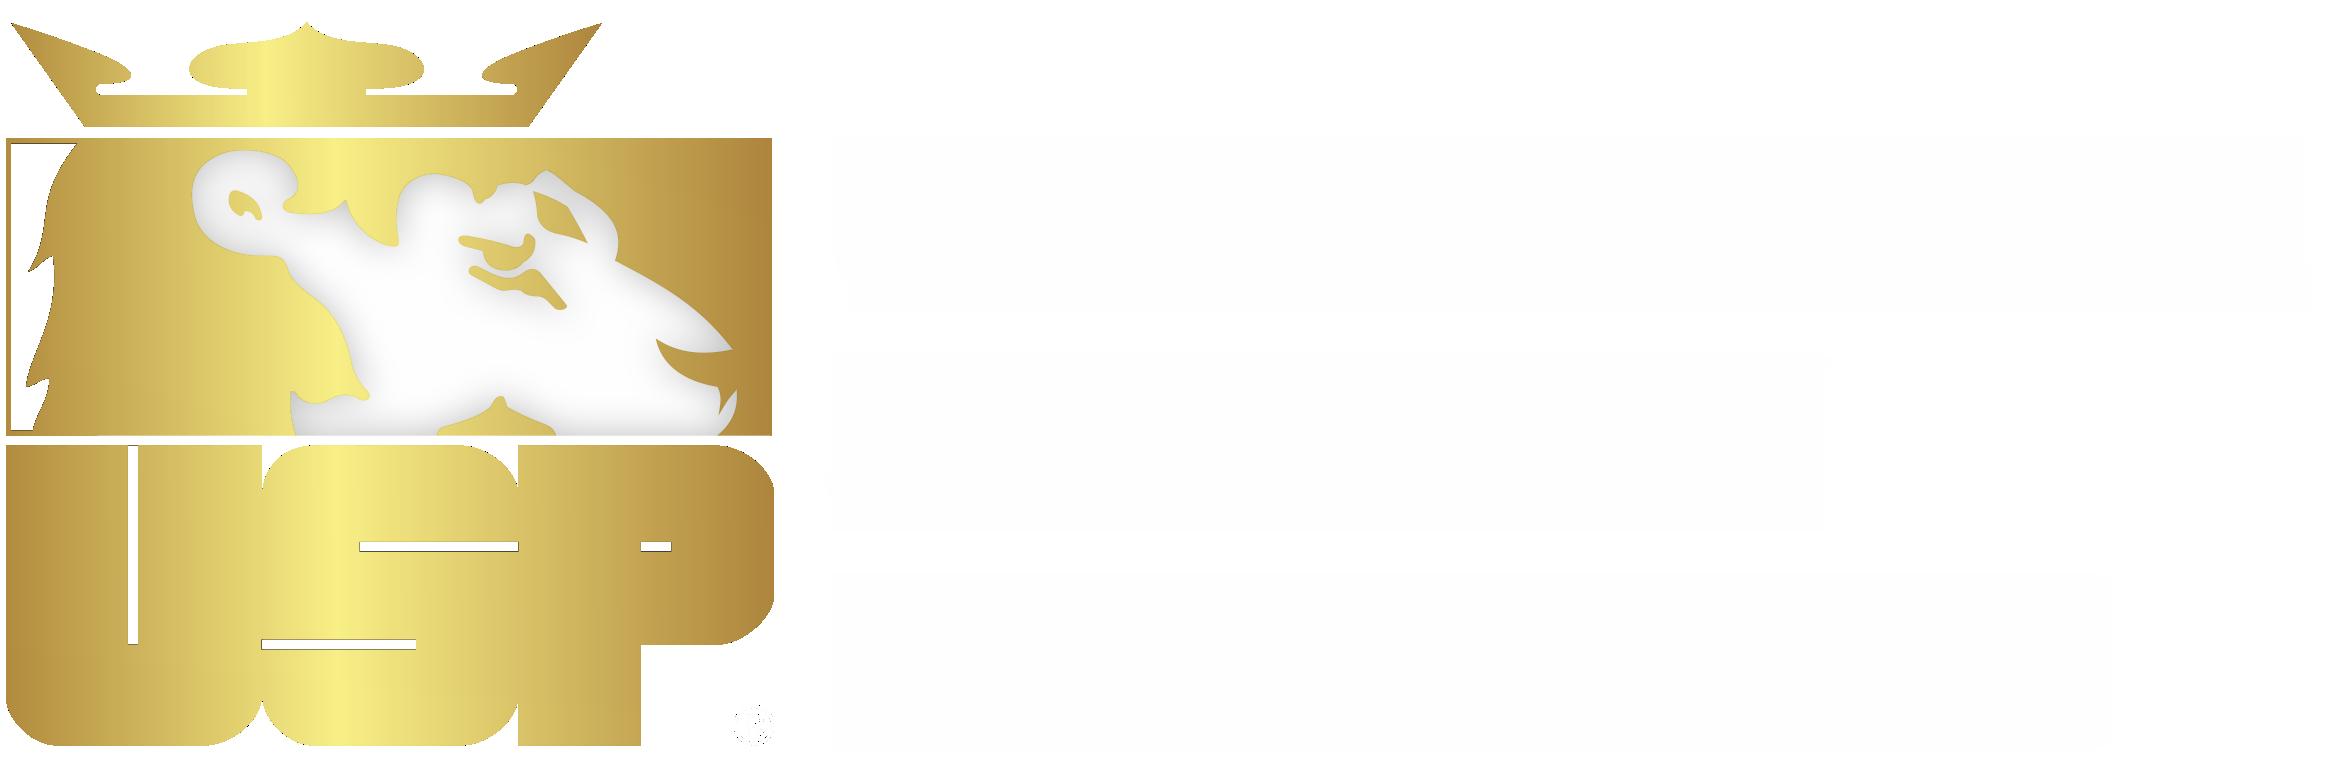 Universal Safety Program